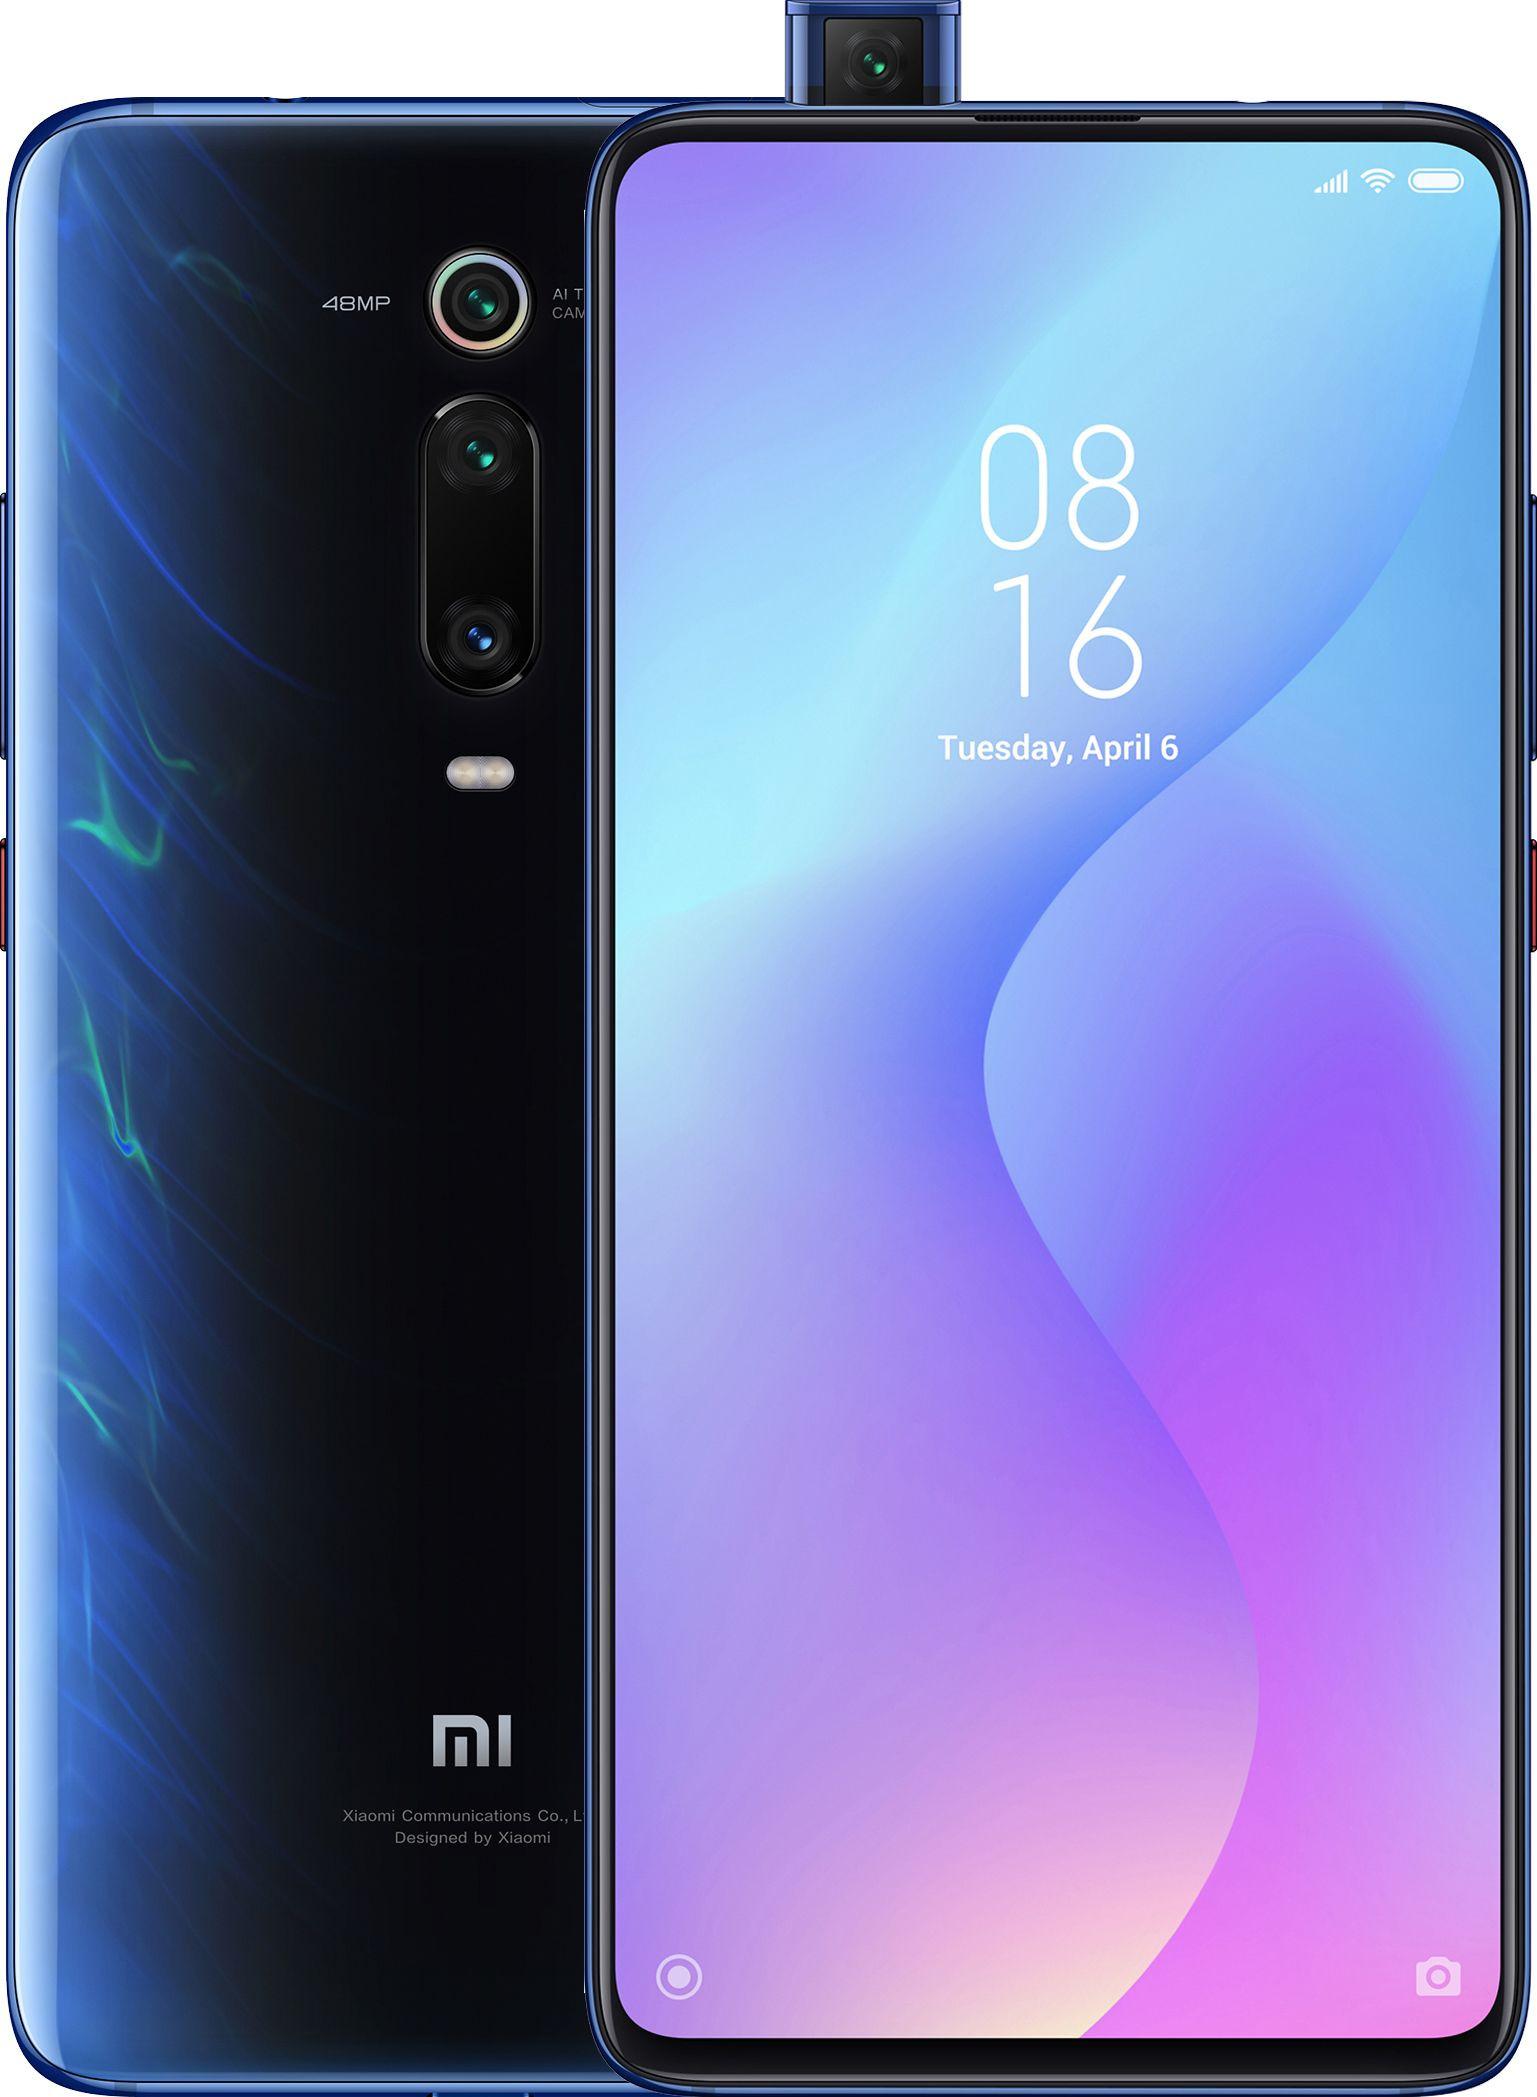 Xiaomi MI 9T Dual SIM - 64GB, 6GB RAM- Global Versia Glacier Blue